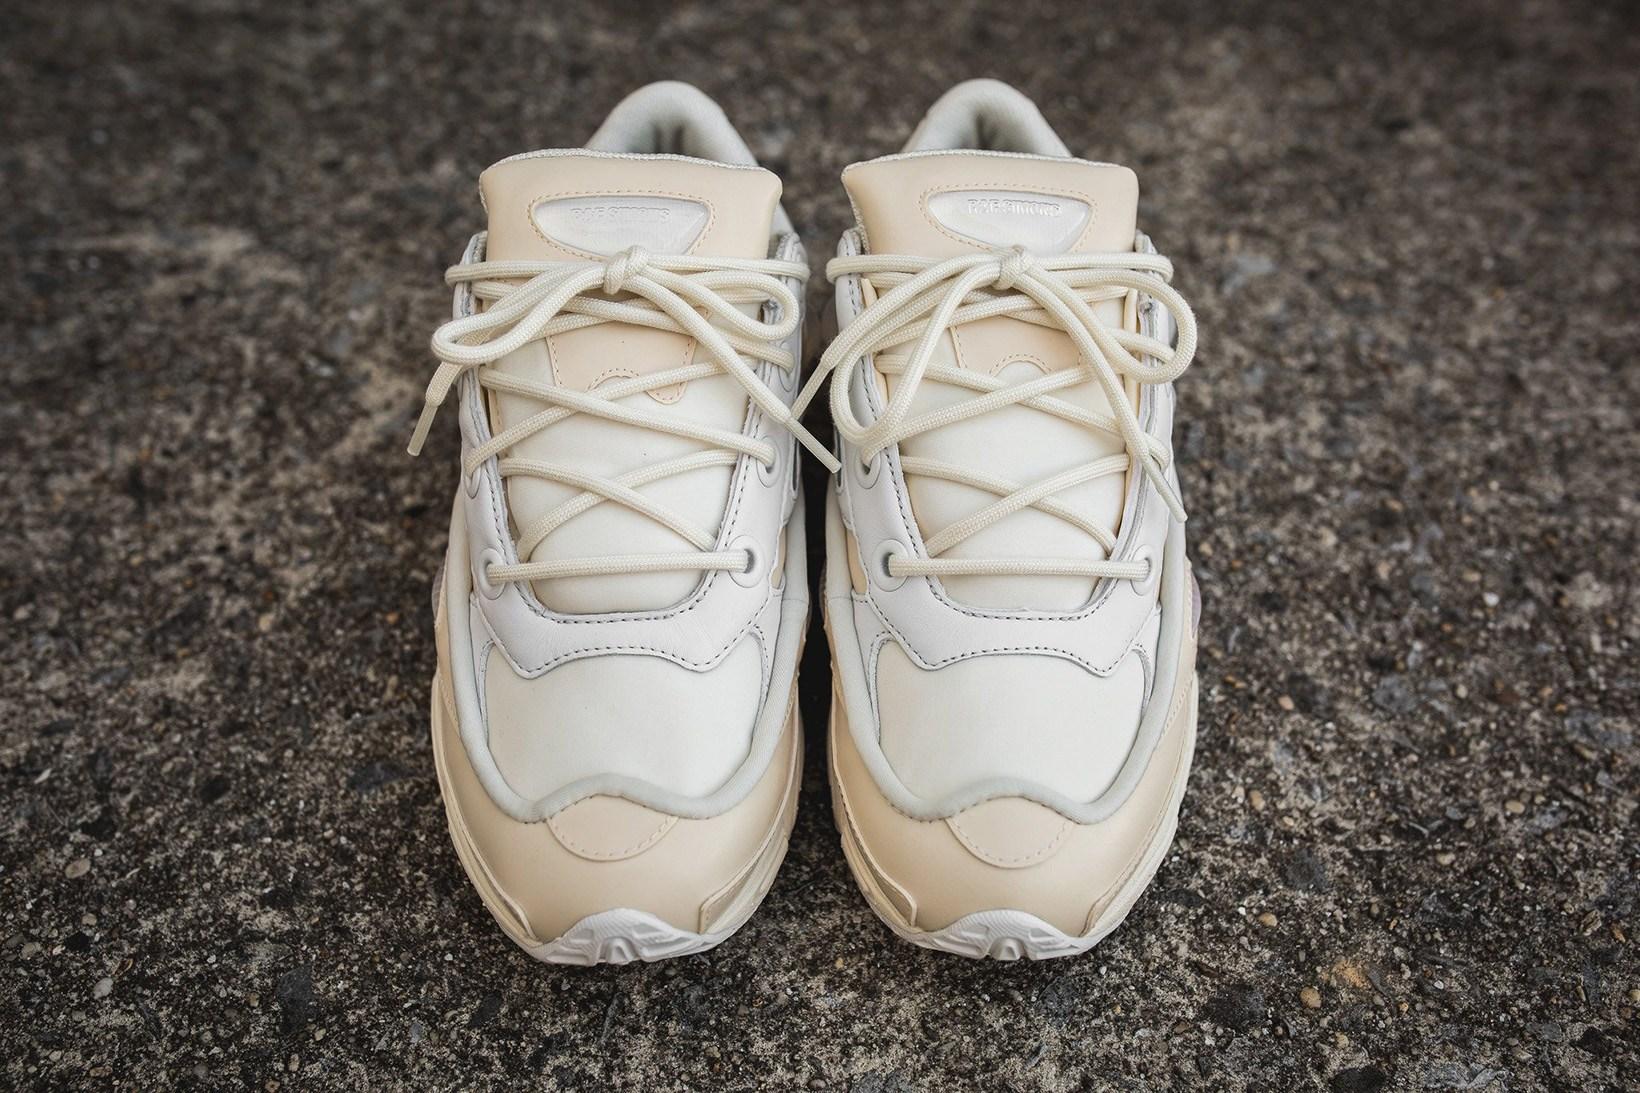 adidas-raf-simons-ozweego-bunny-cream-3